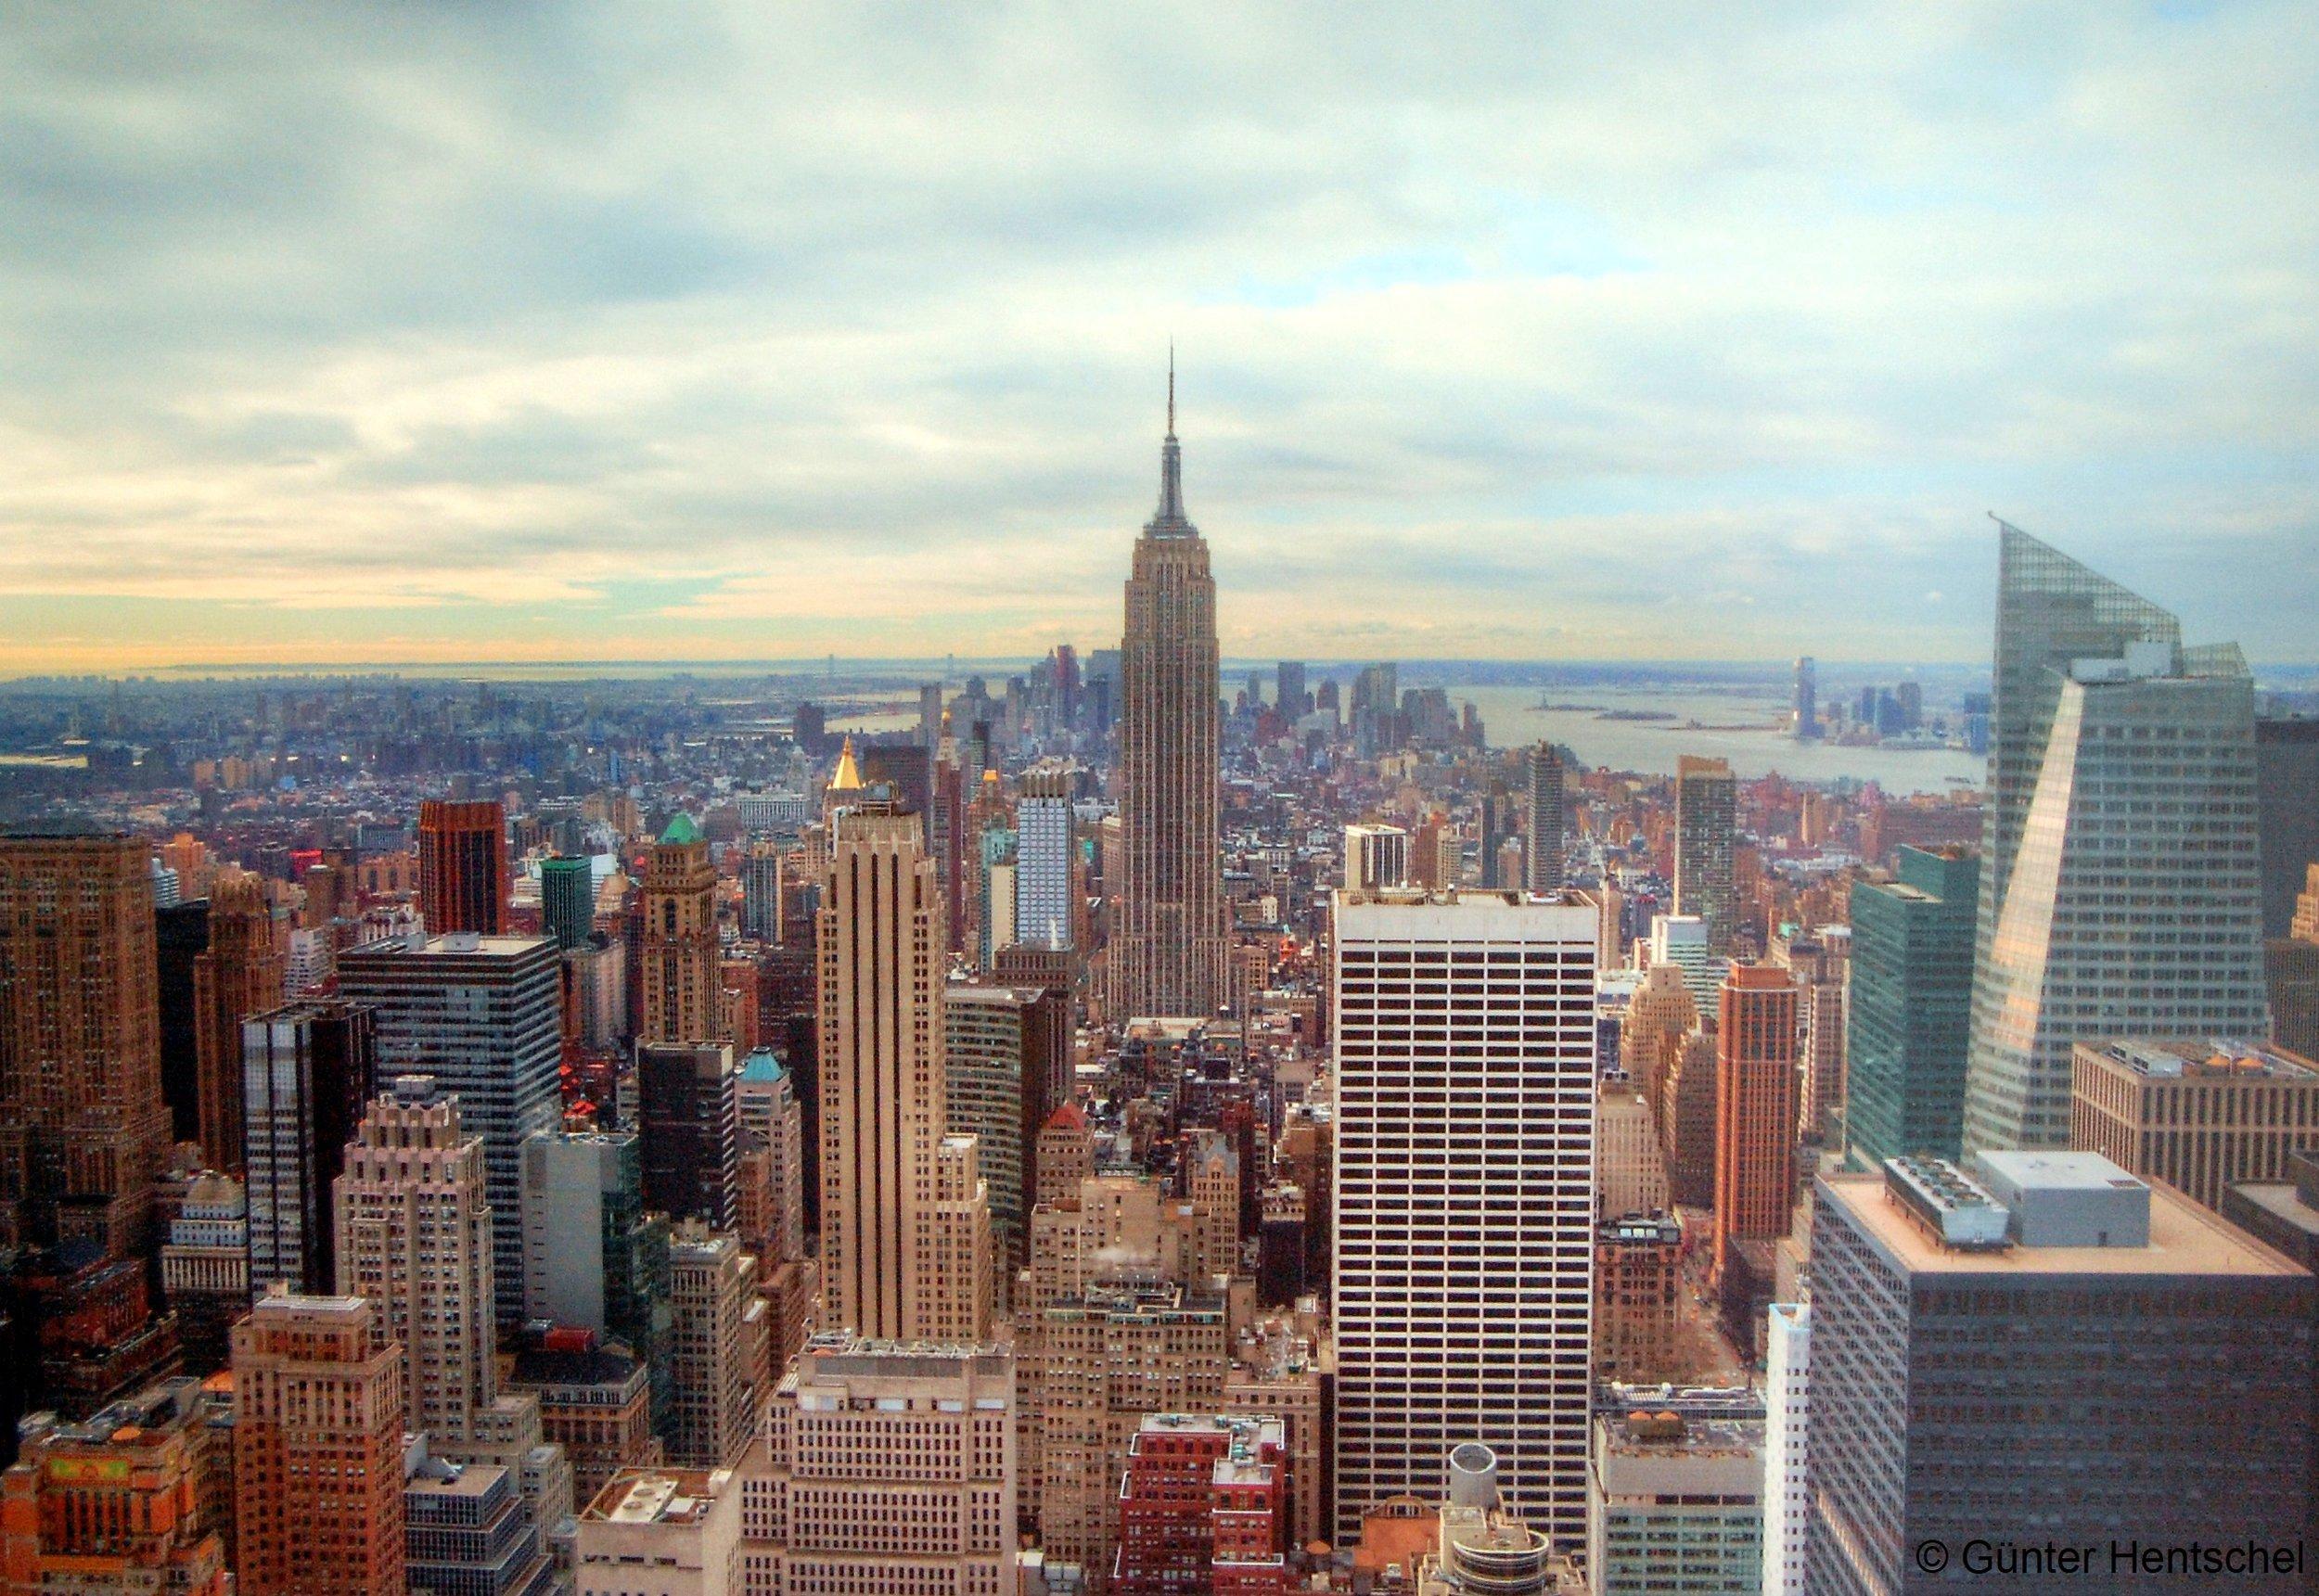 NYC-2-edit.jpg